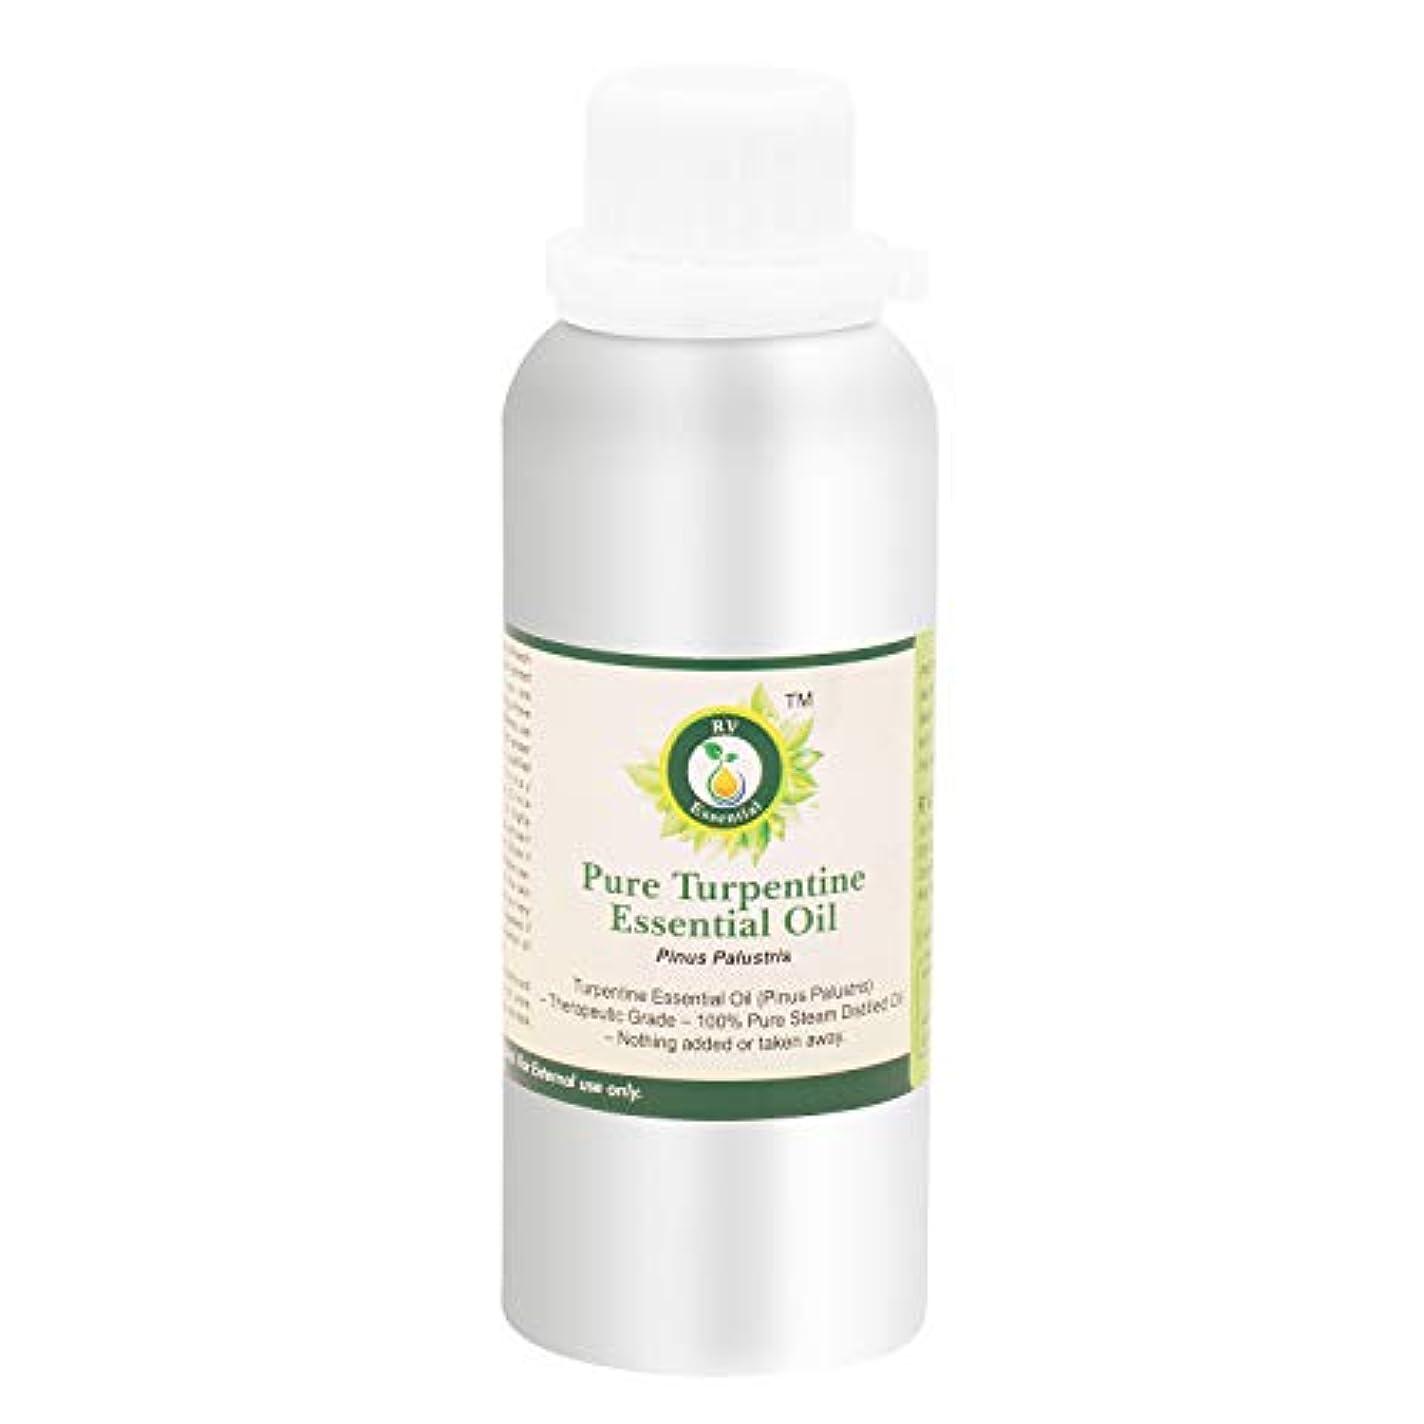 違反する住所寛大な純粋なターペンタイン精油300ml (10oz)- Pinus Palustris (100%純粋&天然スチームDistilled) Pure Turpentine Essential Oil